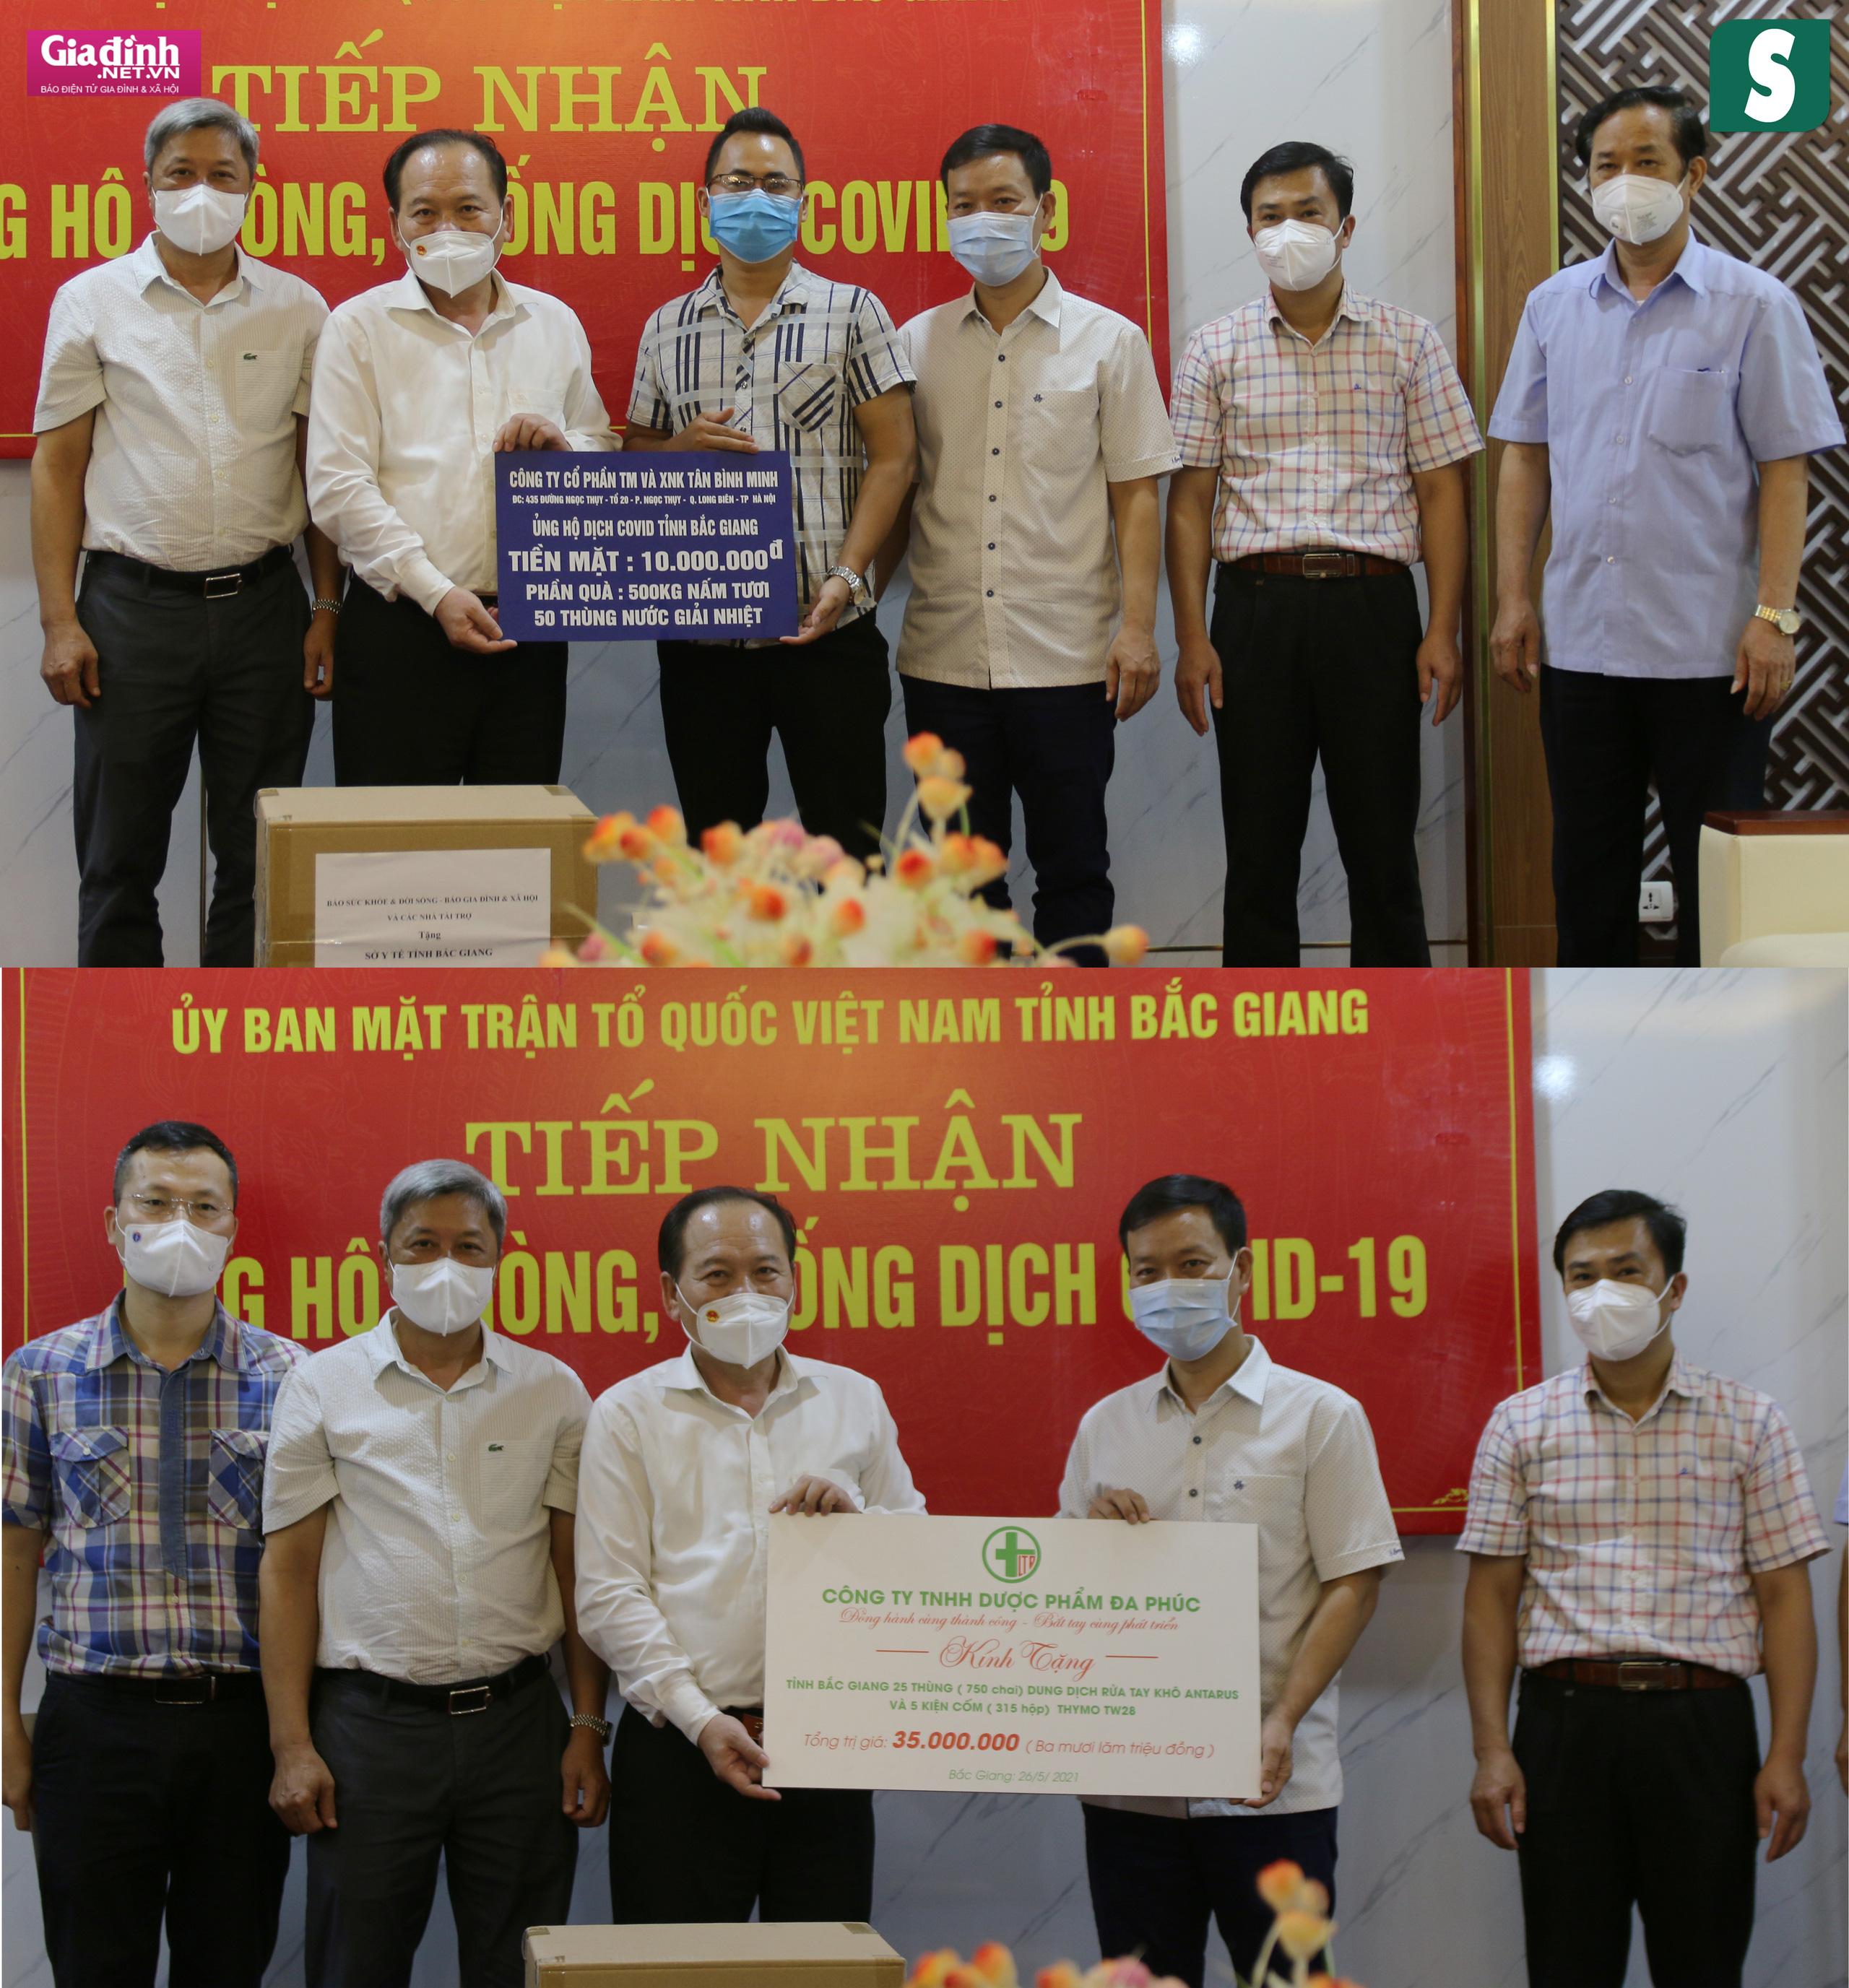 Báo Sức khỏe & Đời sống và Báo Gia đình & Xã hội kêu gọi hơn 1,8 tỷ đồng hỗ trợ Bắc Giang, Bắc Ninh chống dịch - Ảnh 10.